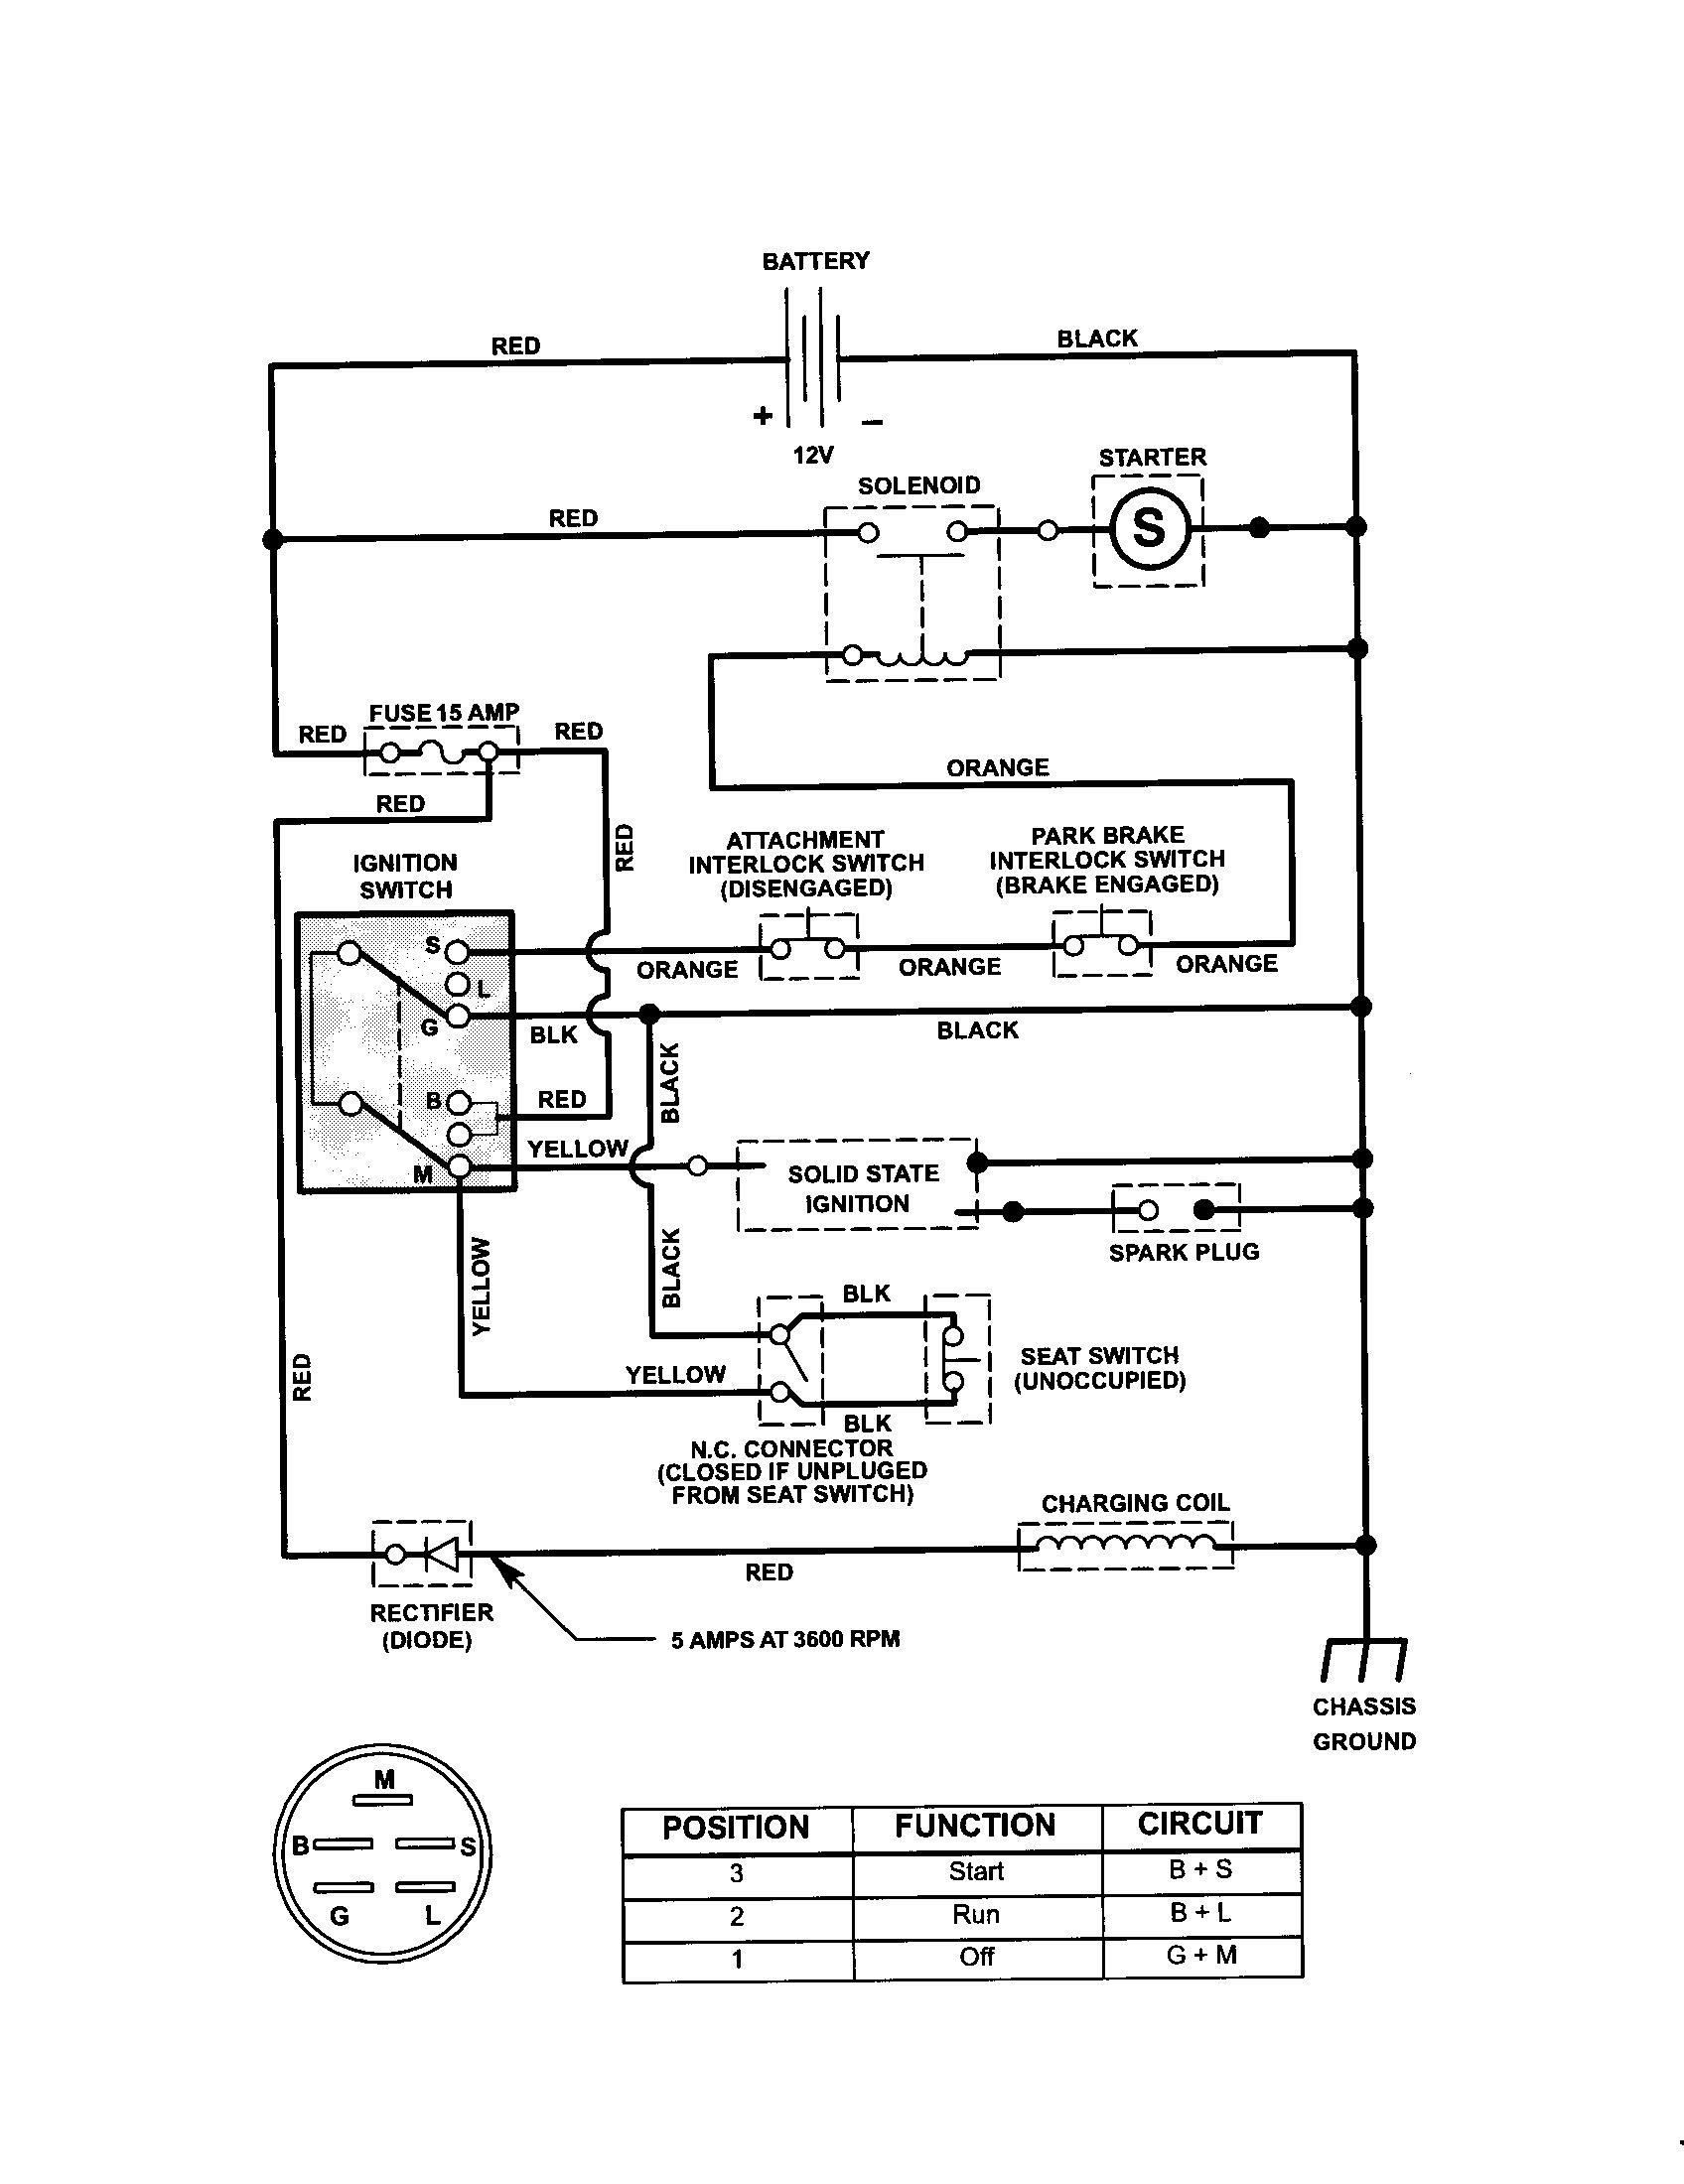 Ge Stove Wiring Diagram | Free Wiring Diagram on